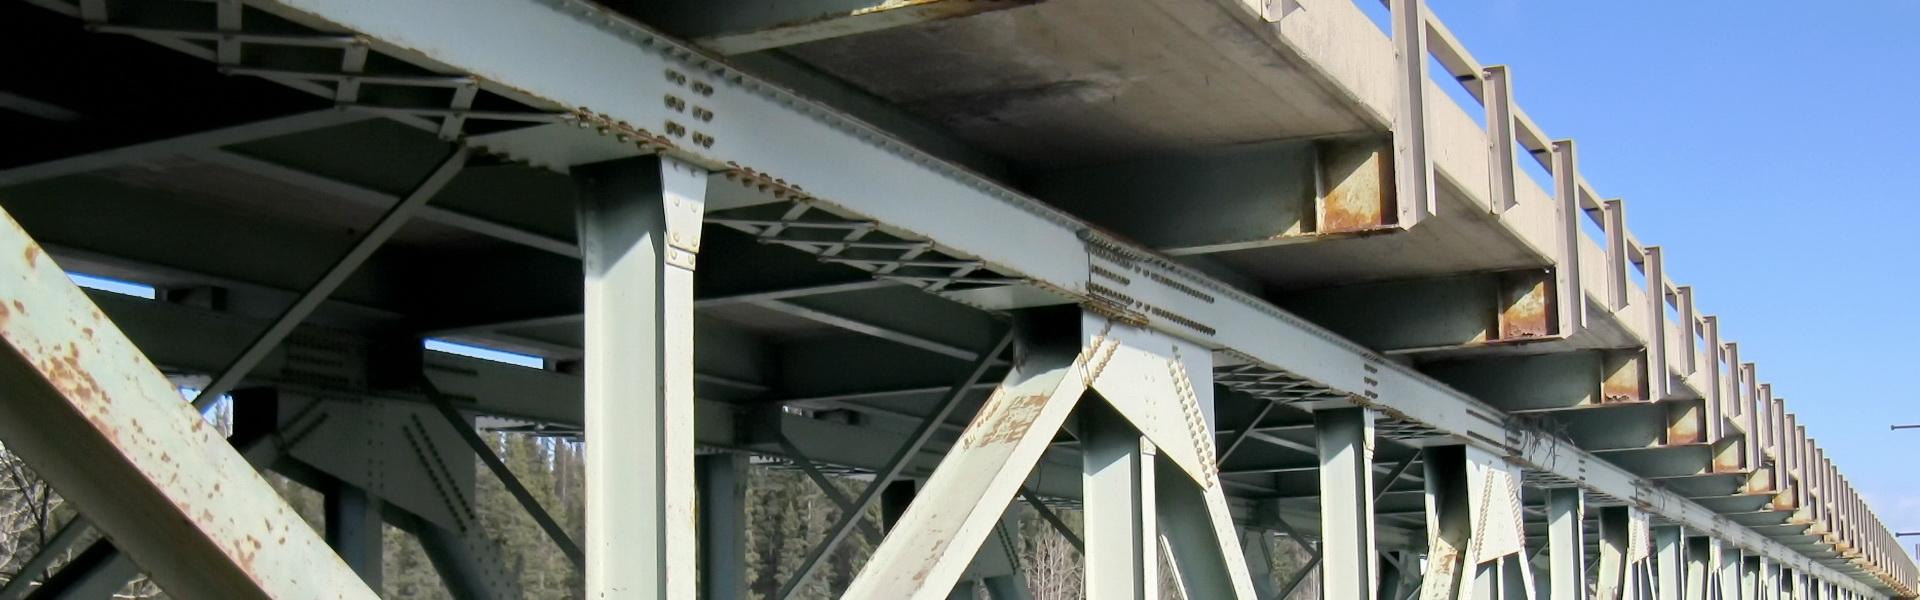 Frank Channel and Kakisa River Bridge Assessment